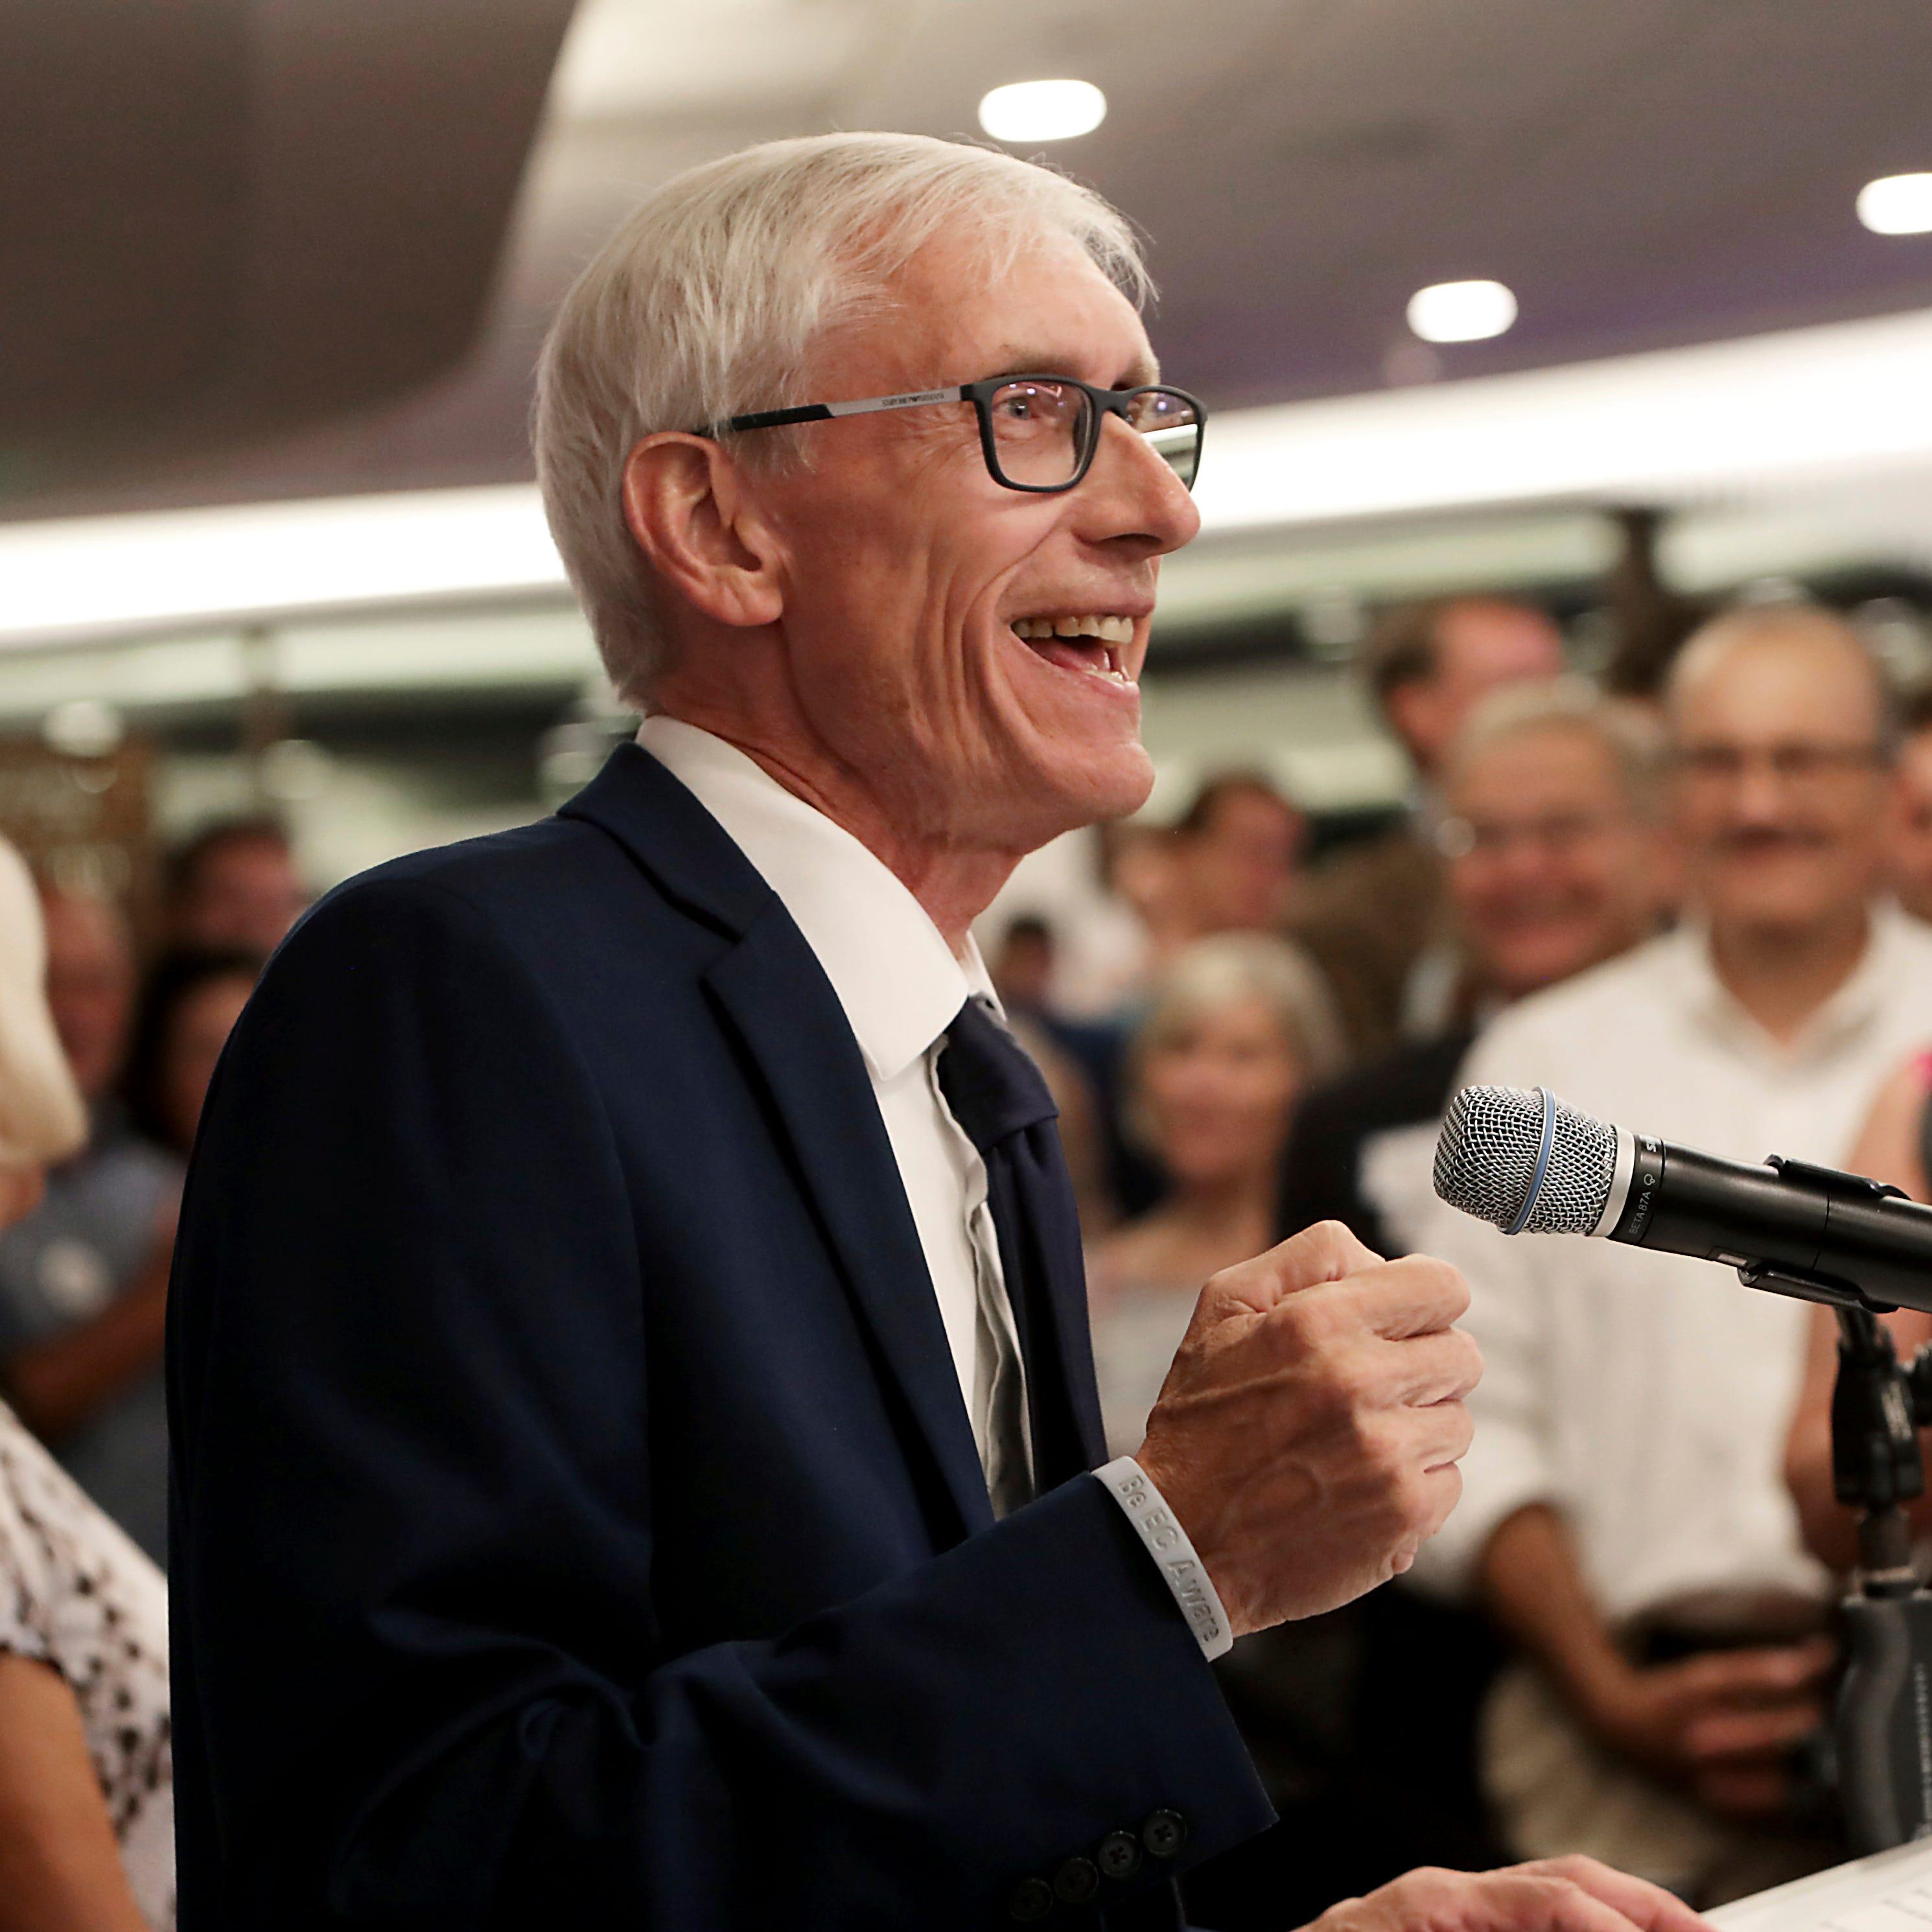 Democrat Tony Evers wins eight-way Wisconsin primary to face GOP Gov. Scott Walker in November